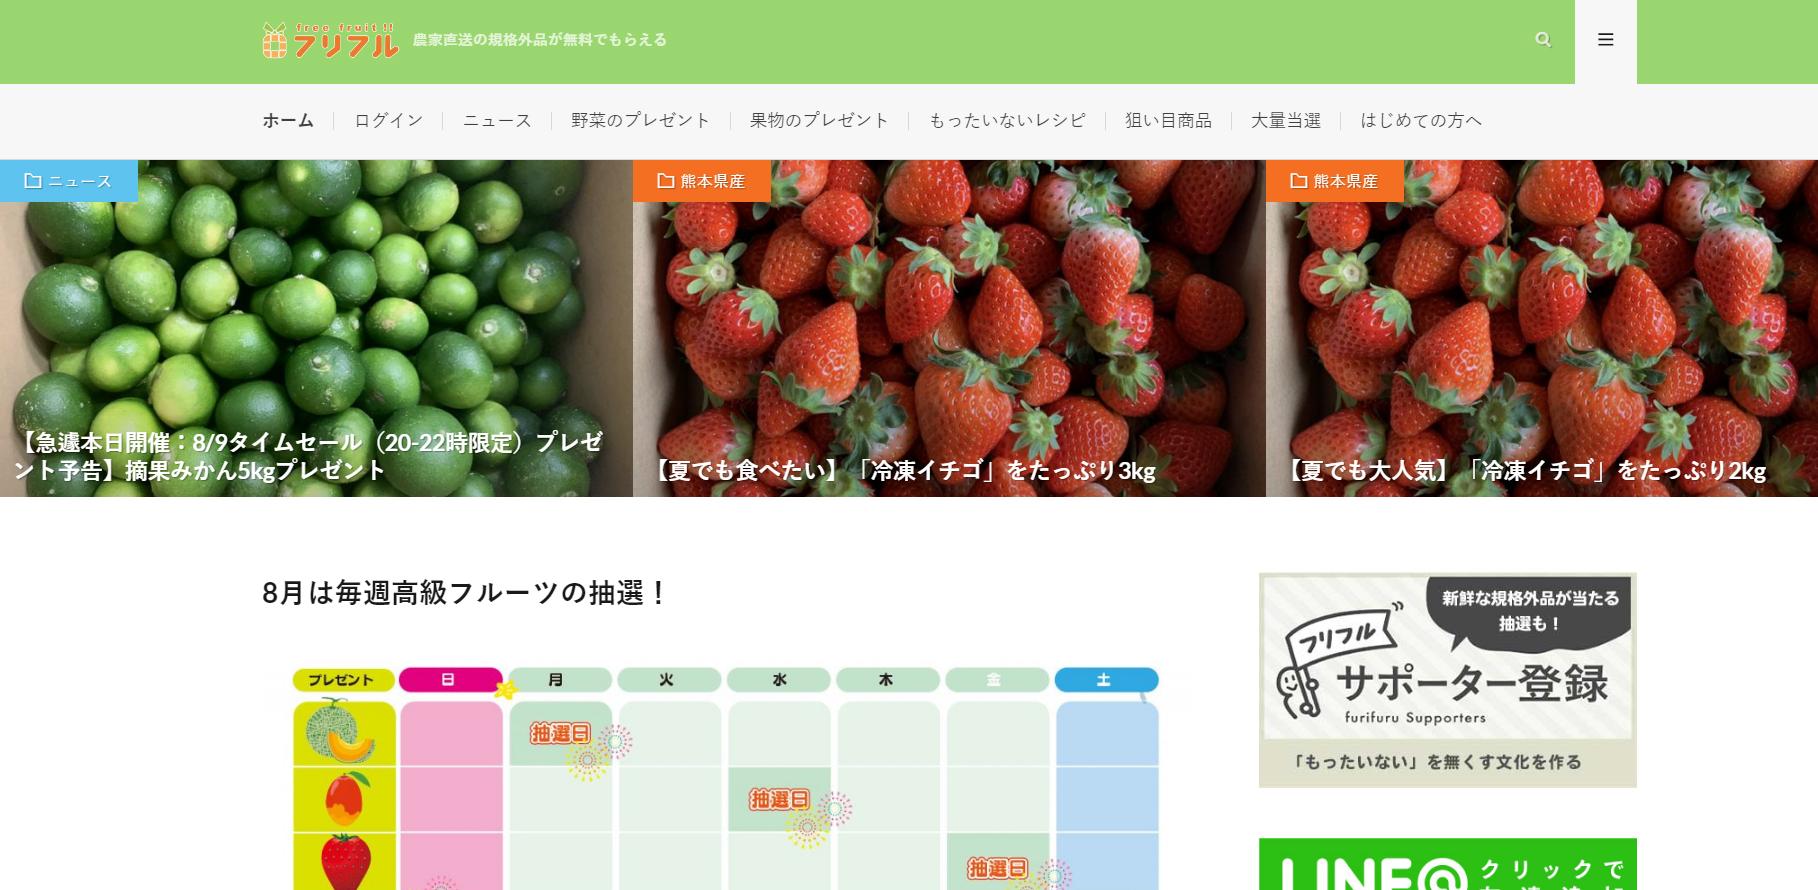 規格外品の野菜・果物を無料でもらえるサイト「フリフル」【連載:アキラの着目】